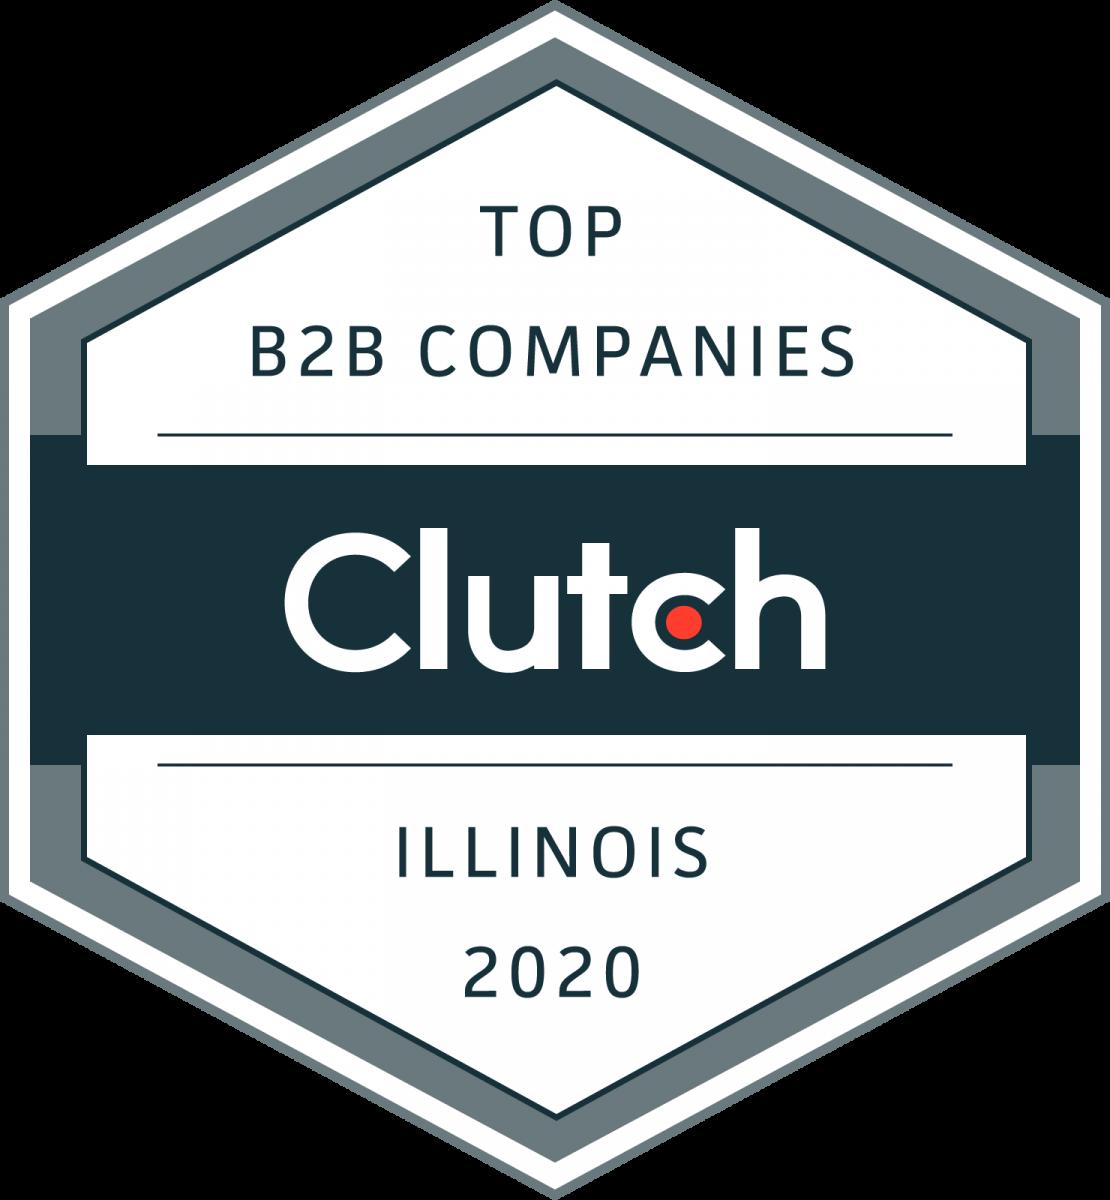 Illinois B2B Leaders 2020